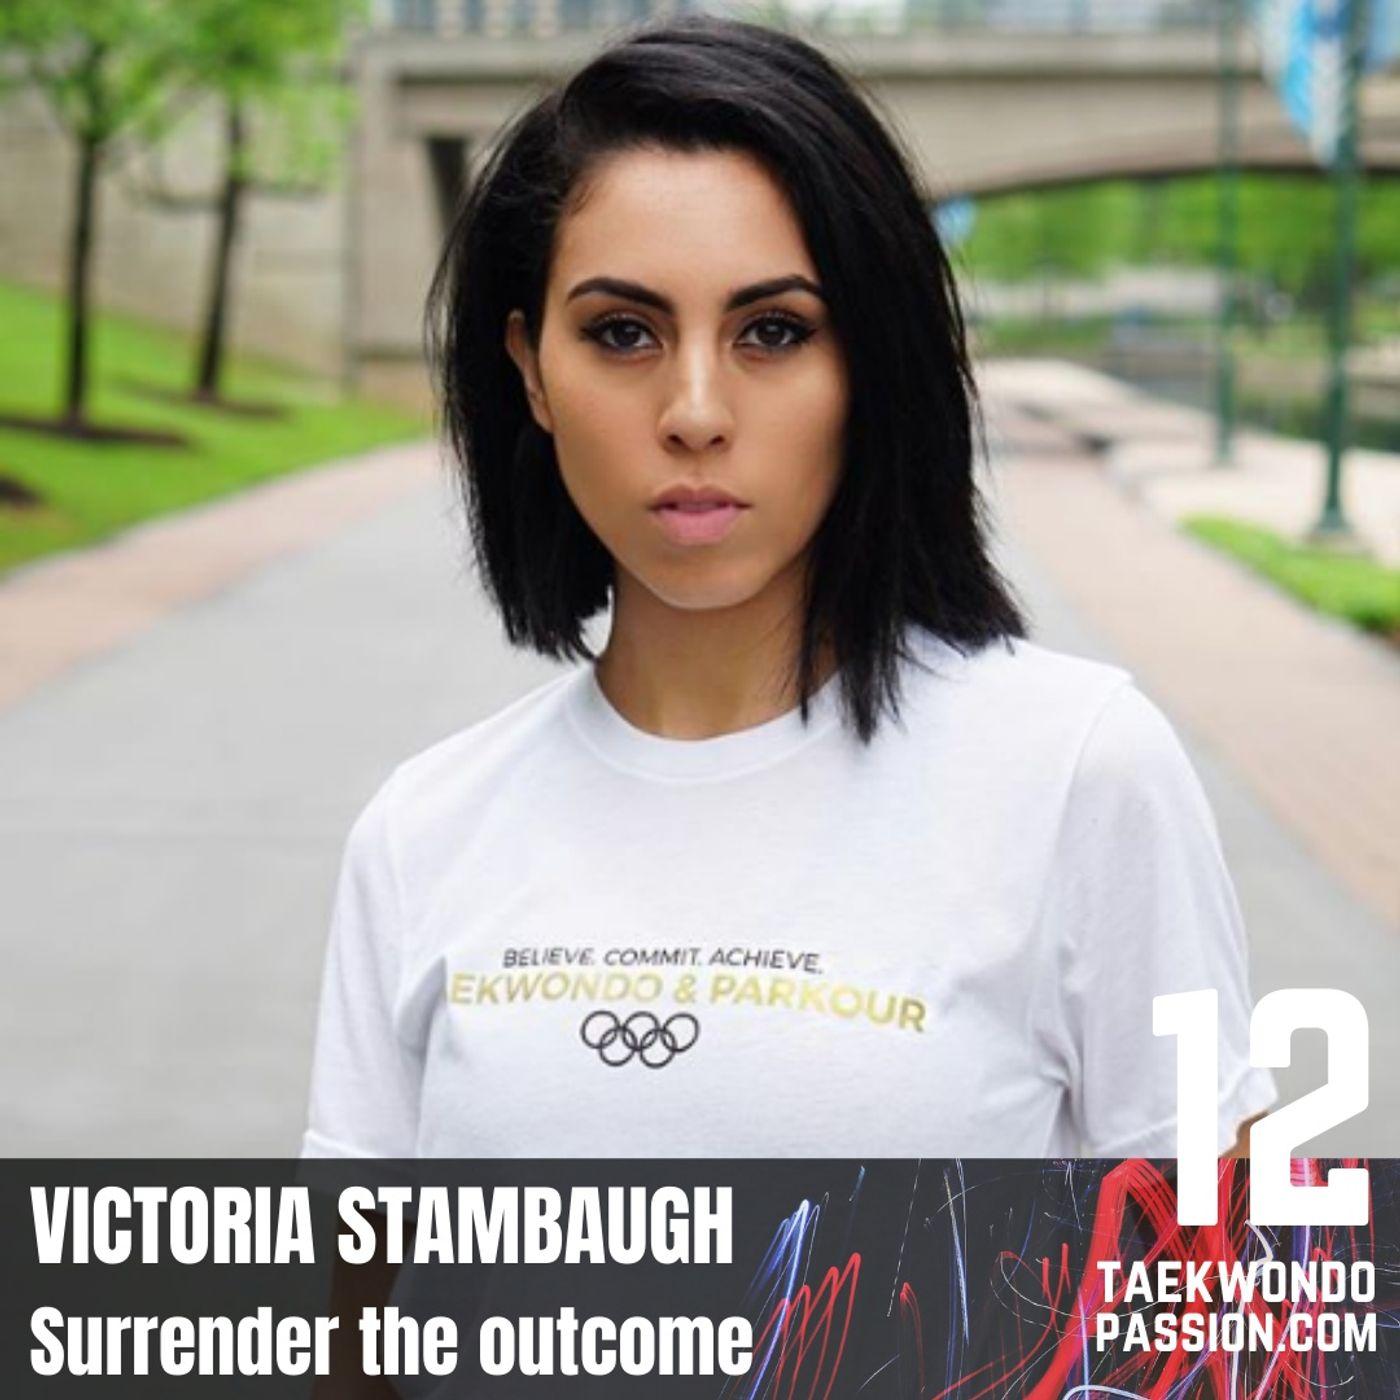 Victoria Stambaugh - Surrender the outcome